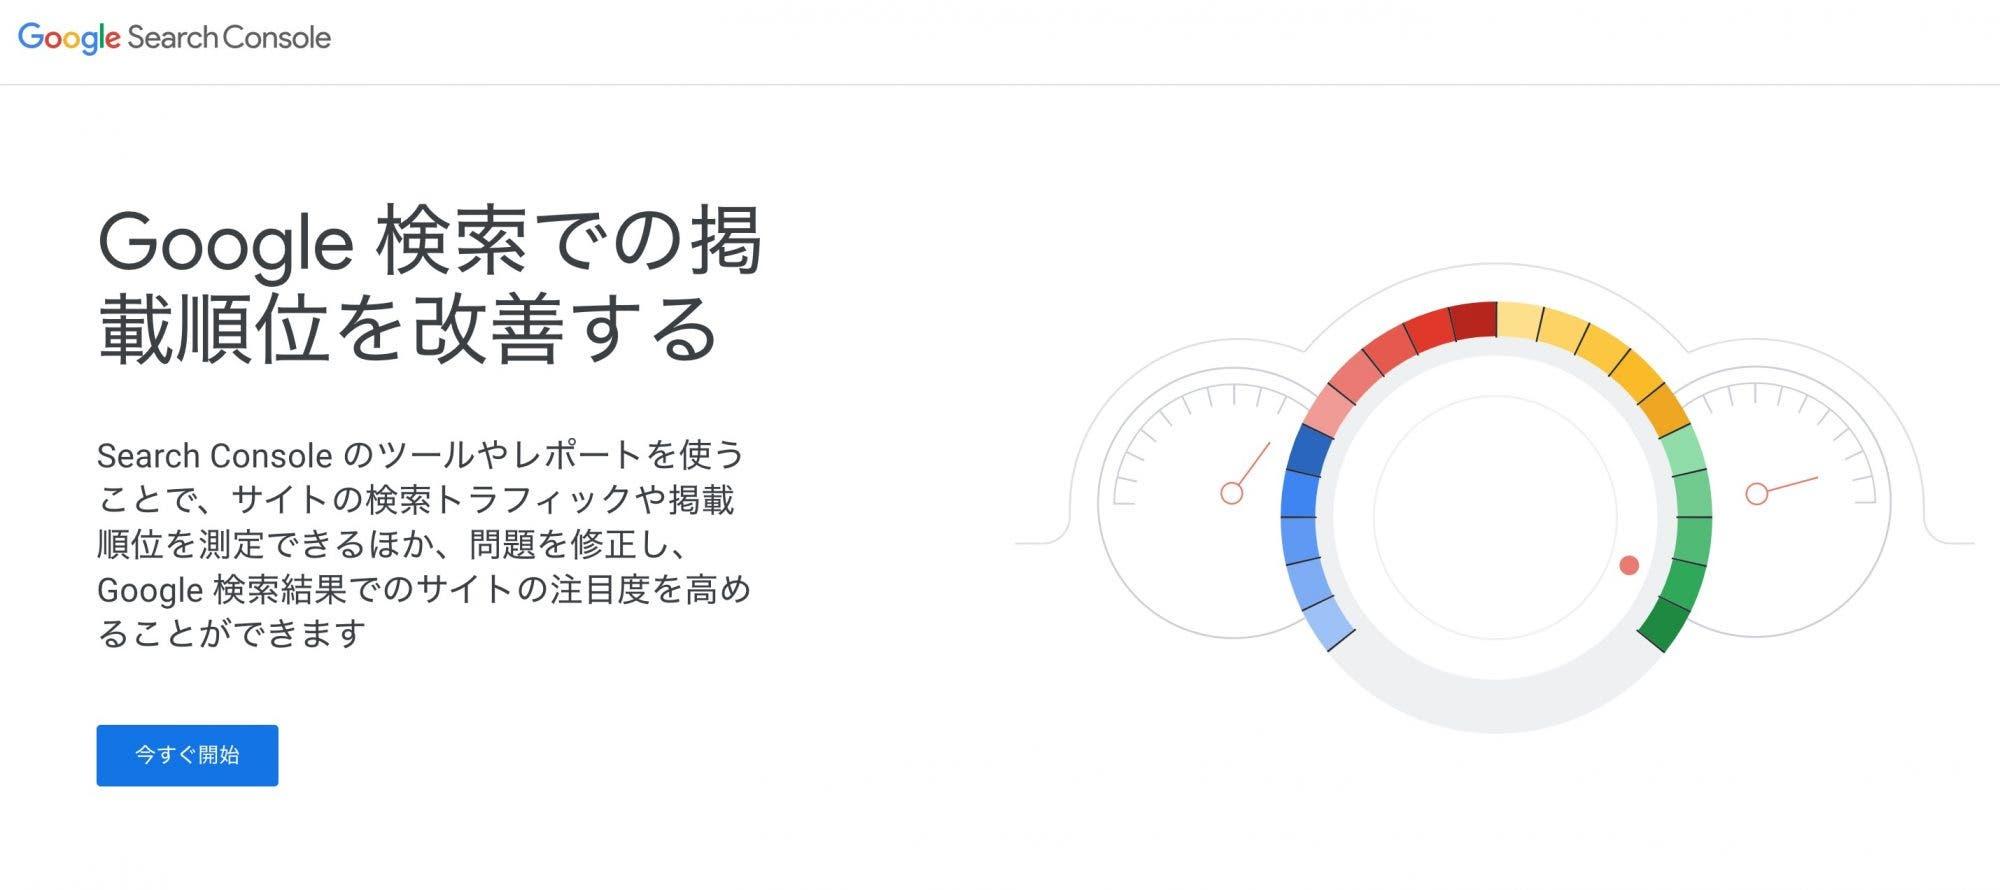 【2020年最新版】Googleサーチコンソールの登録方法と基本操作【画像付きで解説】 | PINTO!